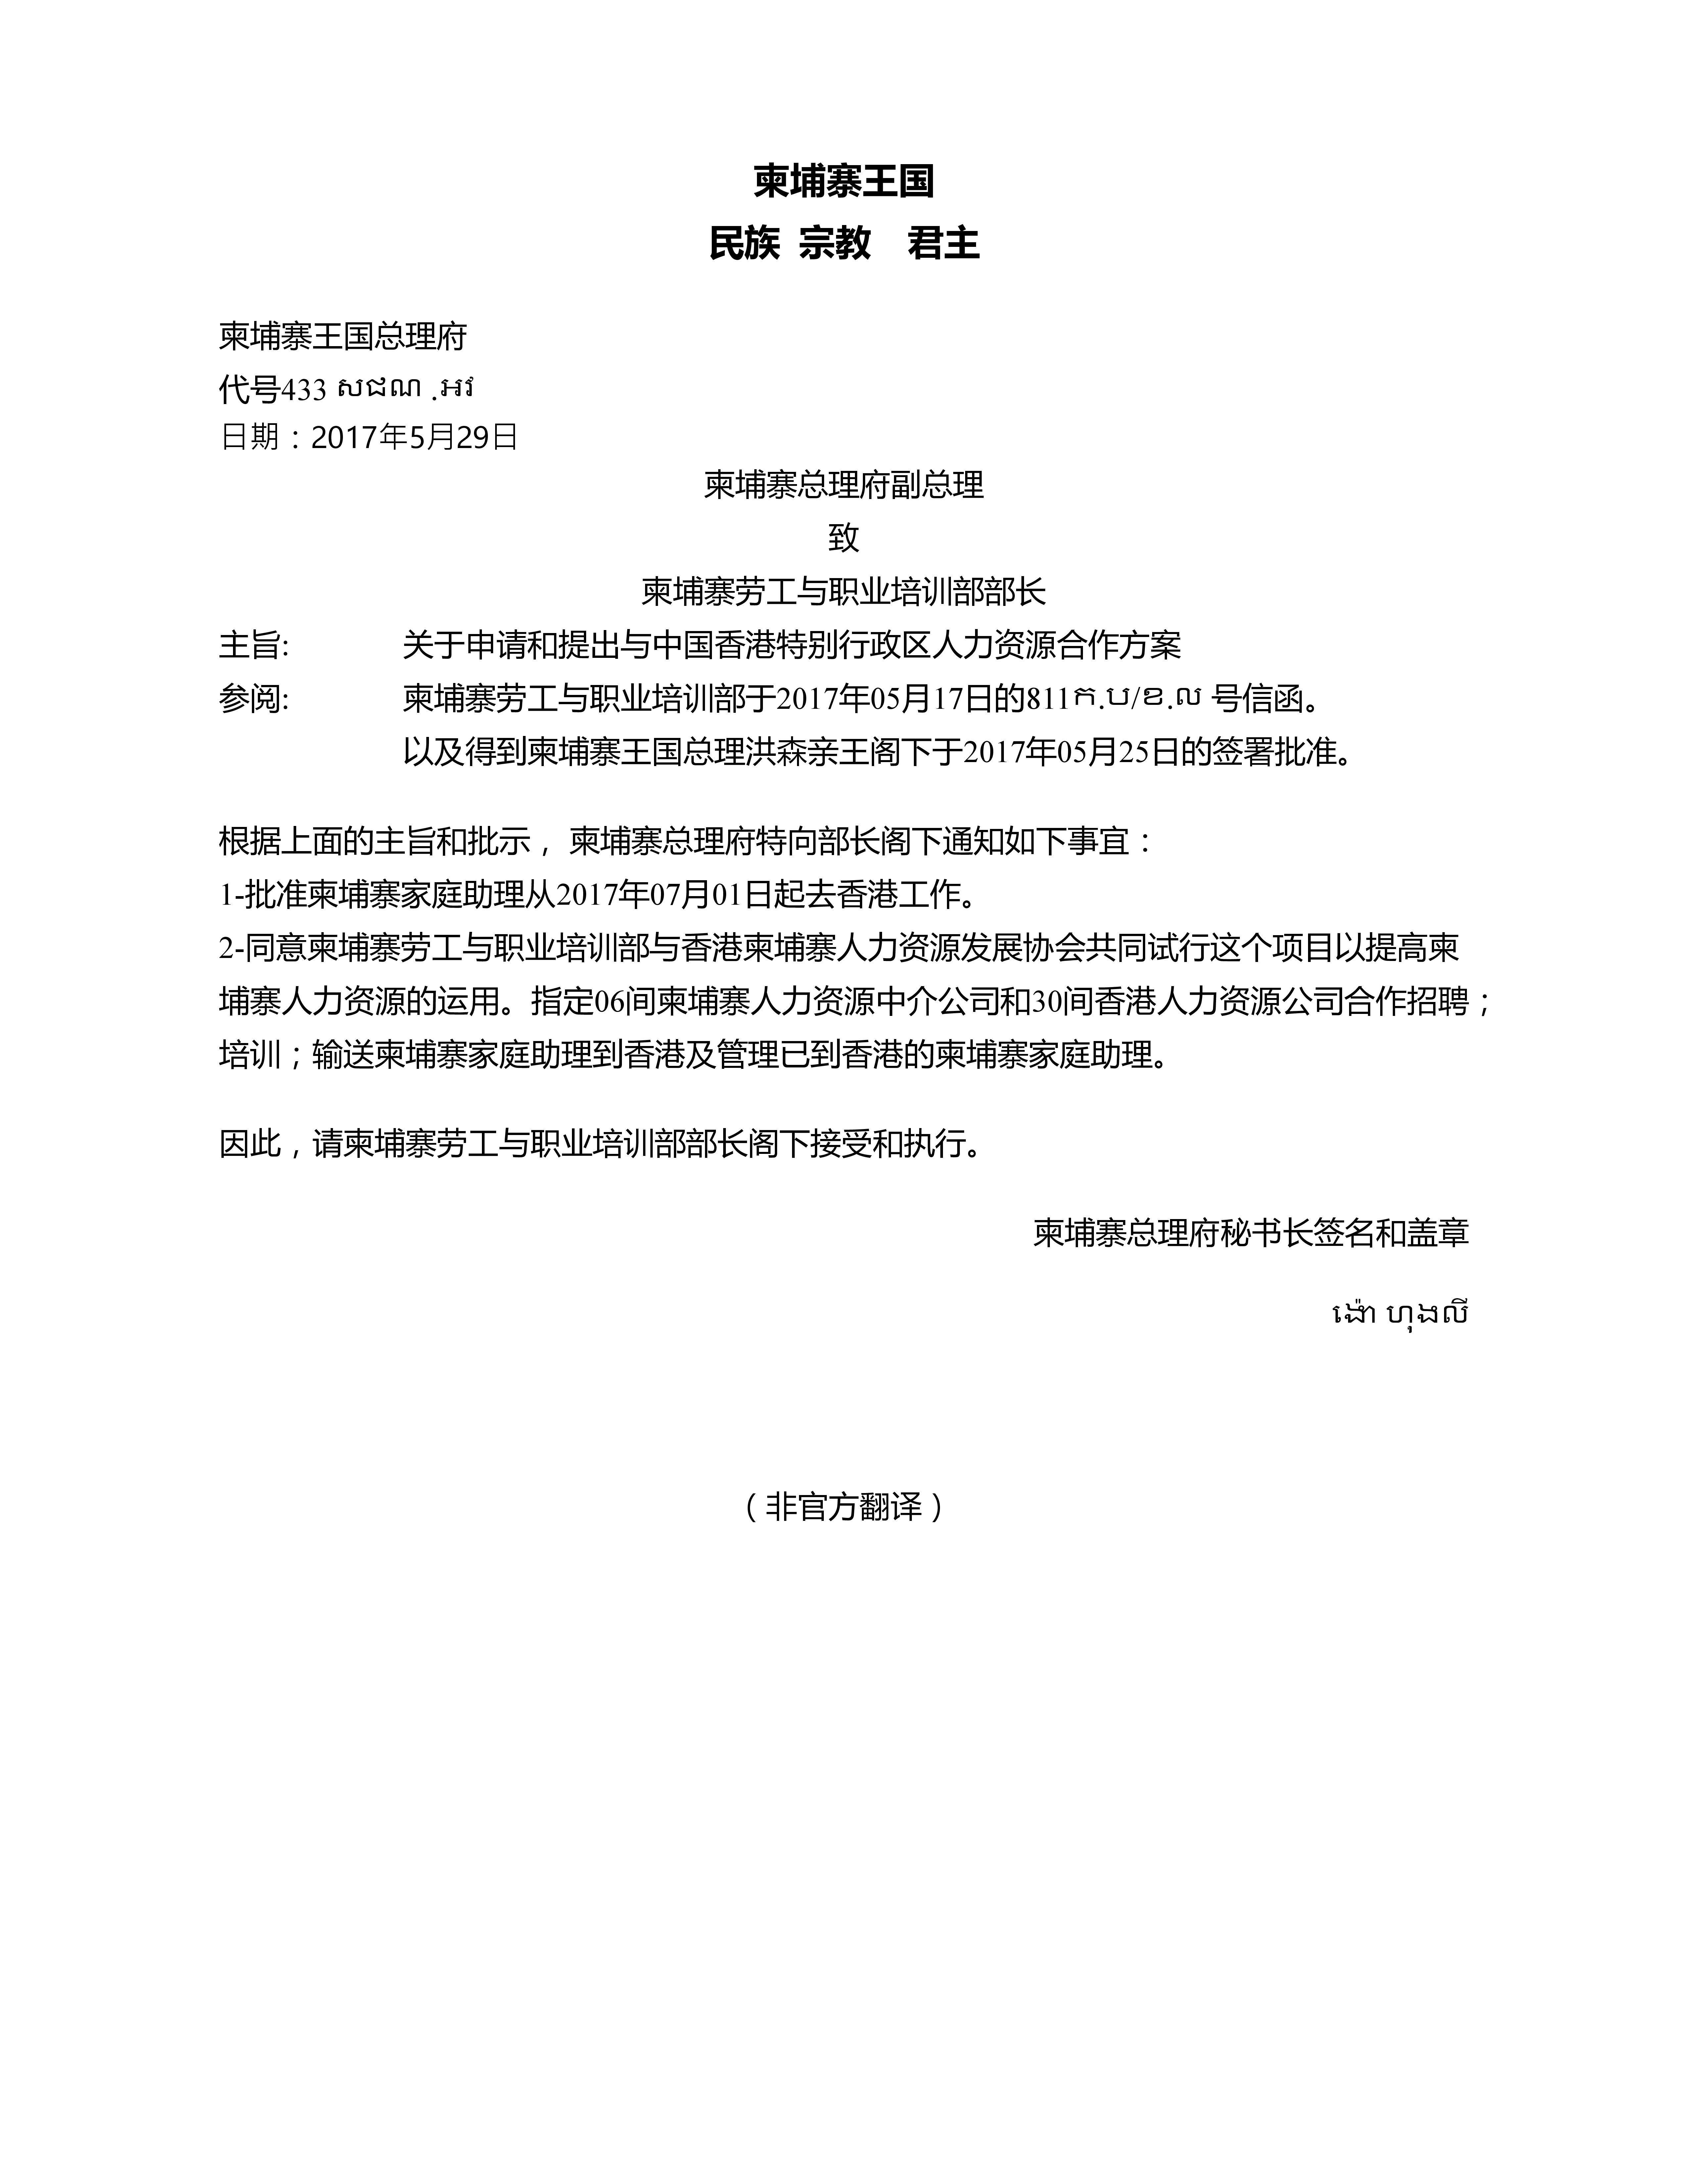 柬埔寨王国总理府通告编号433(非官方翻译)